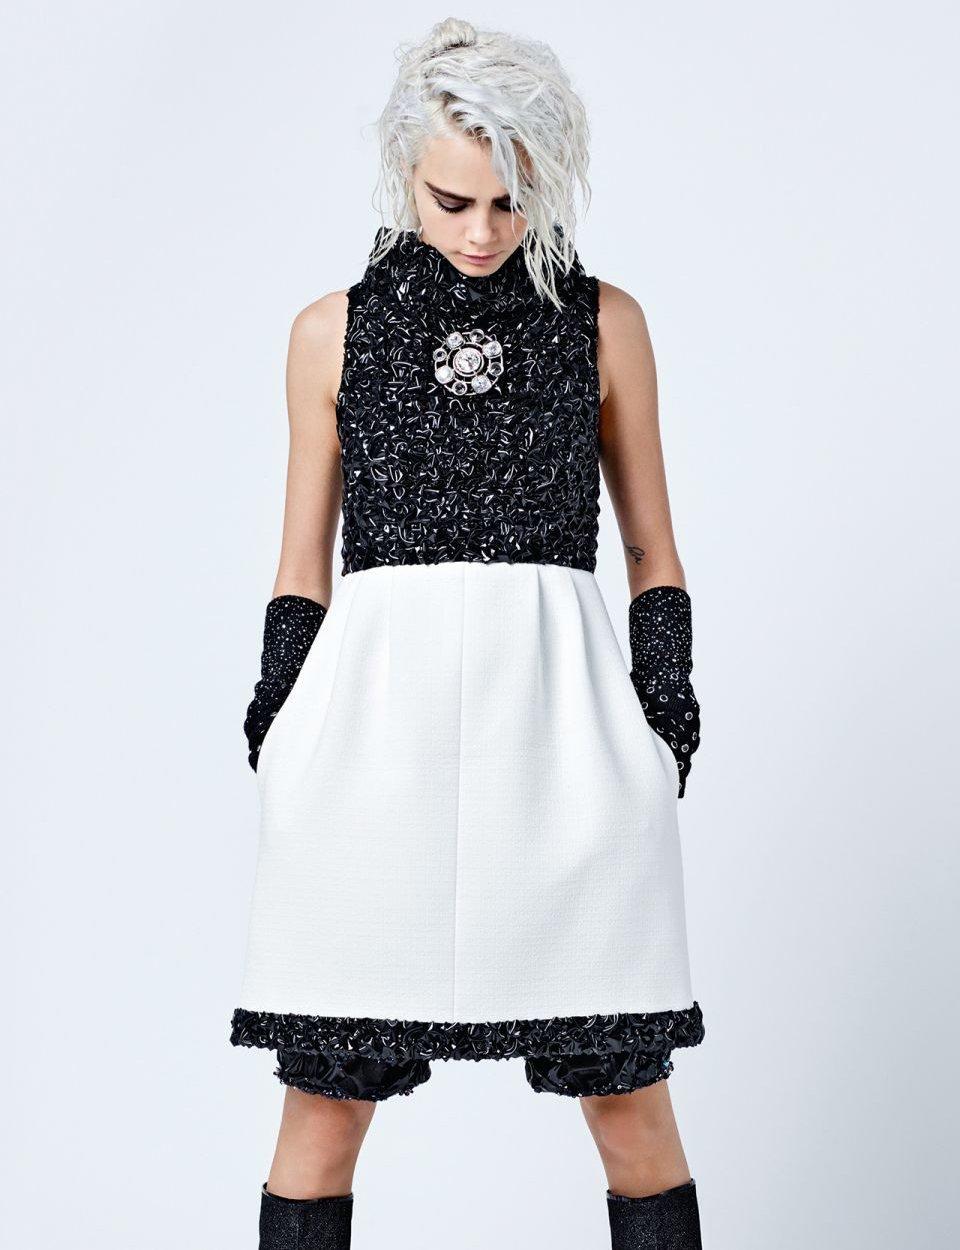 Chanel-Fall-Winter-2017-Ad-Campaign-4